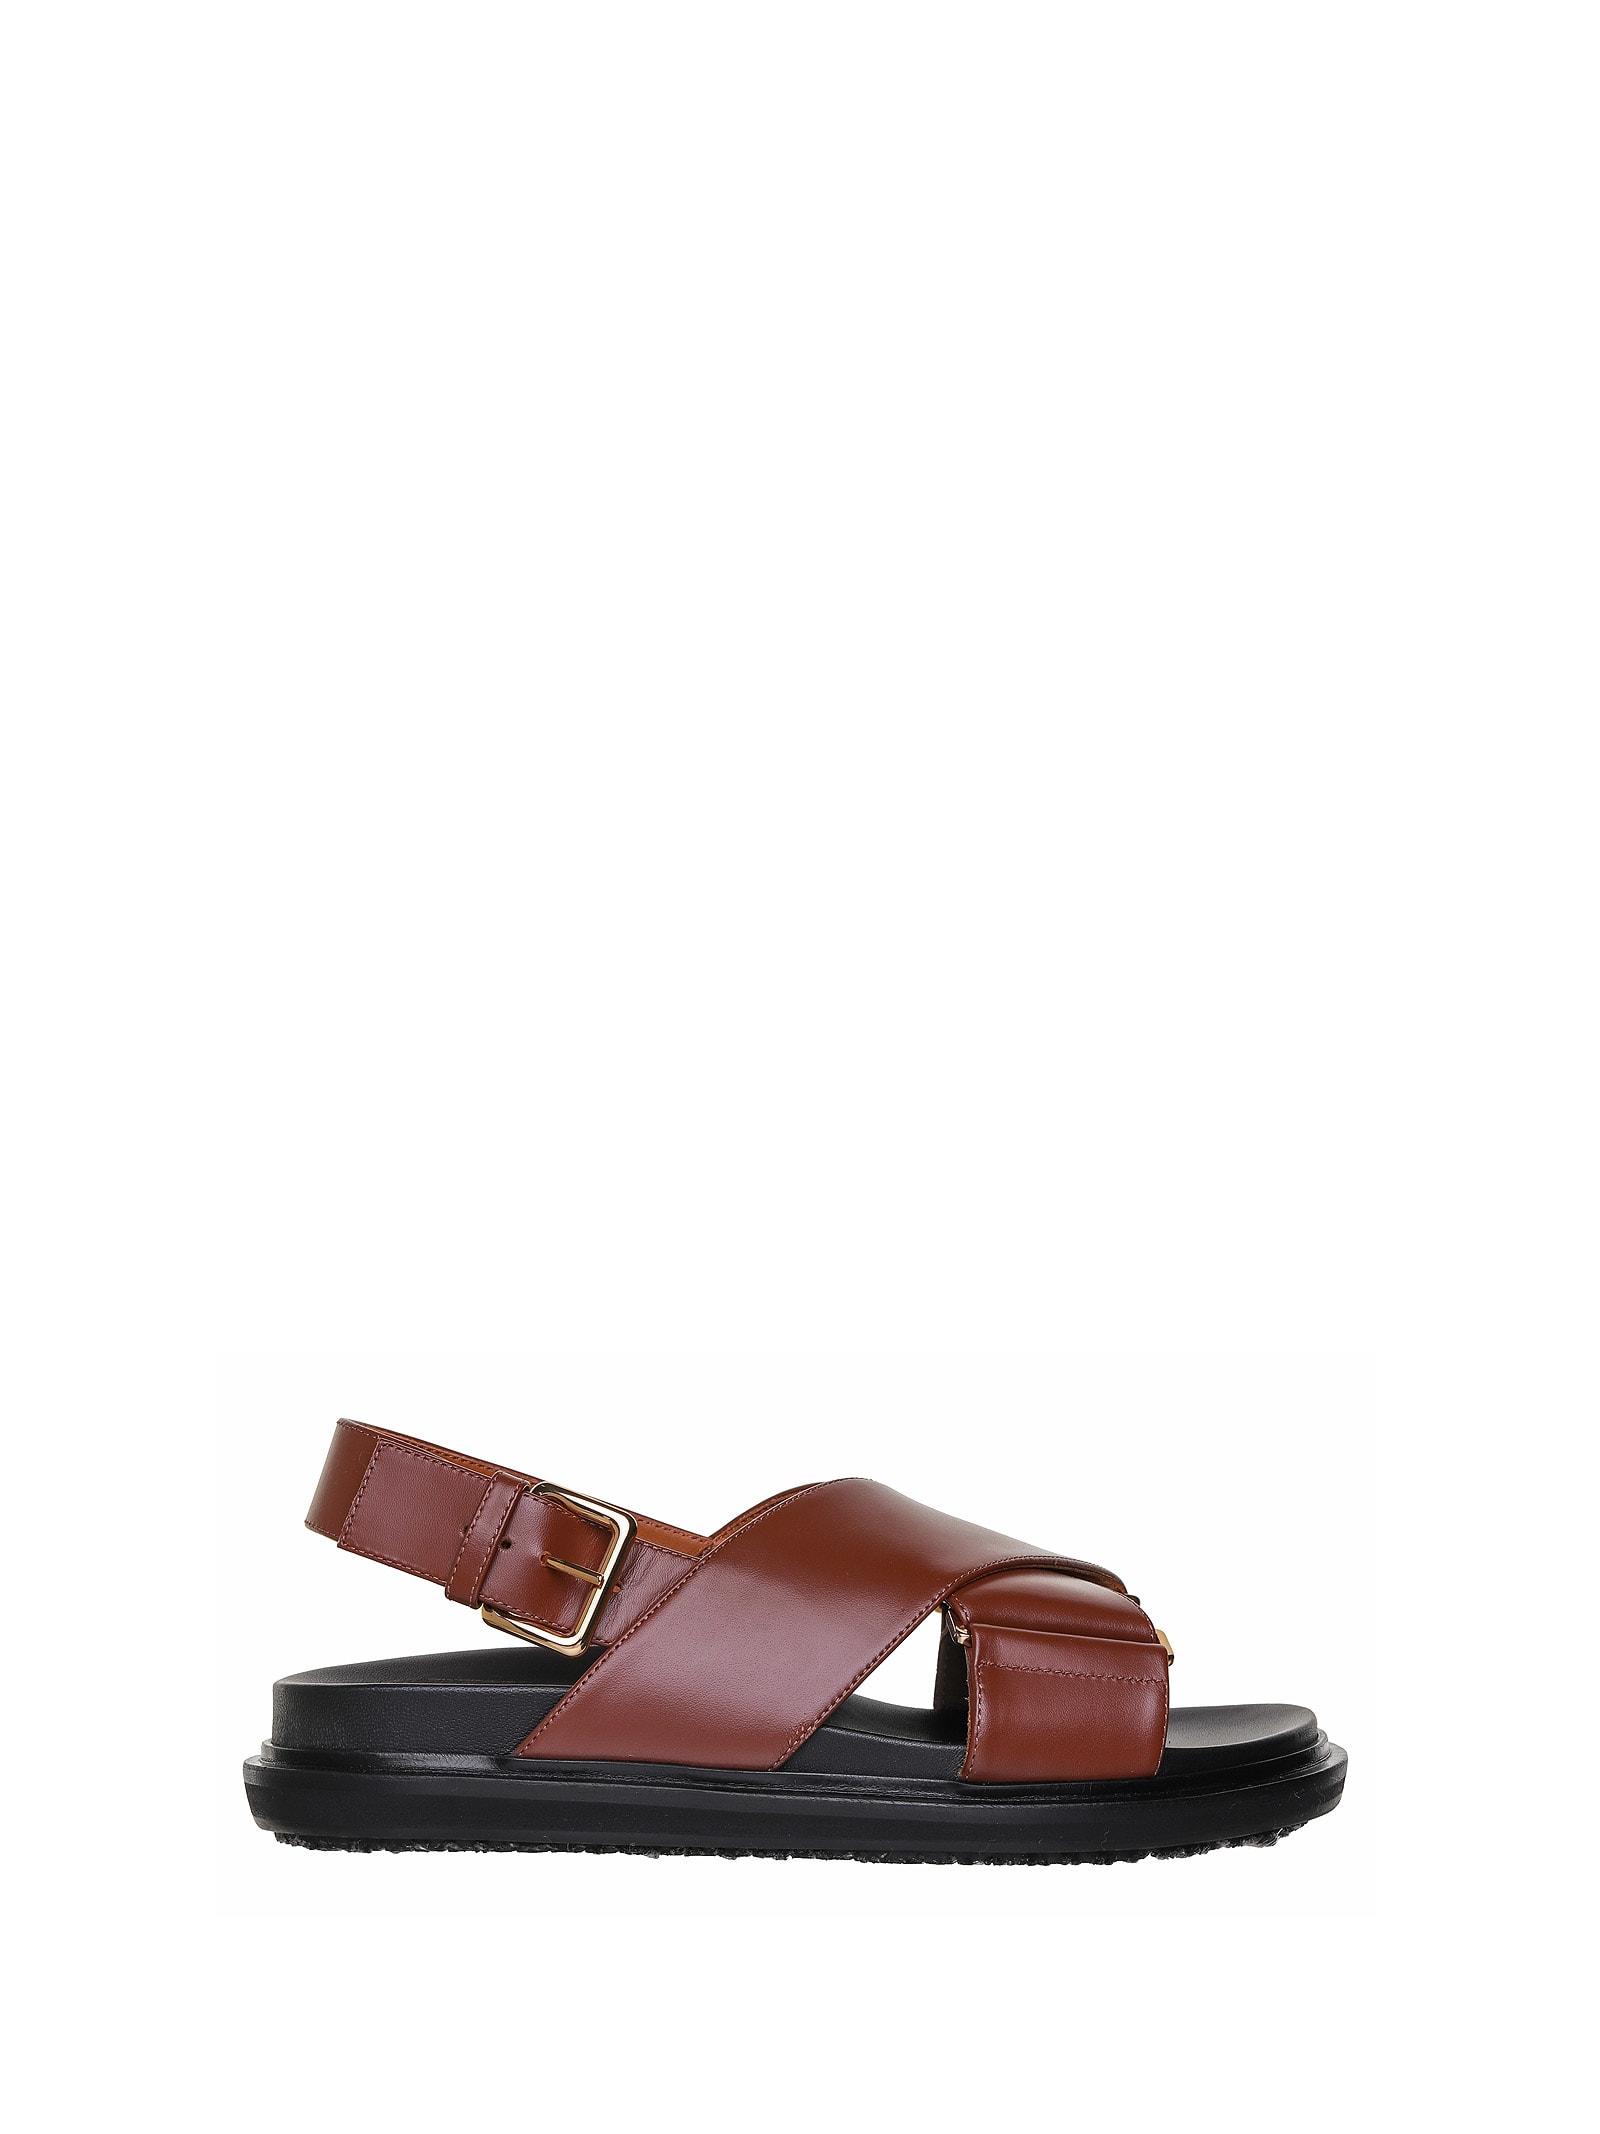 Marni Marni Brown Fussbett Sandals